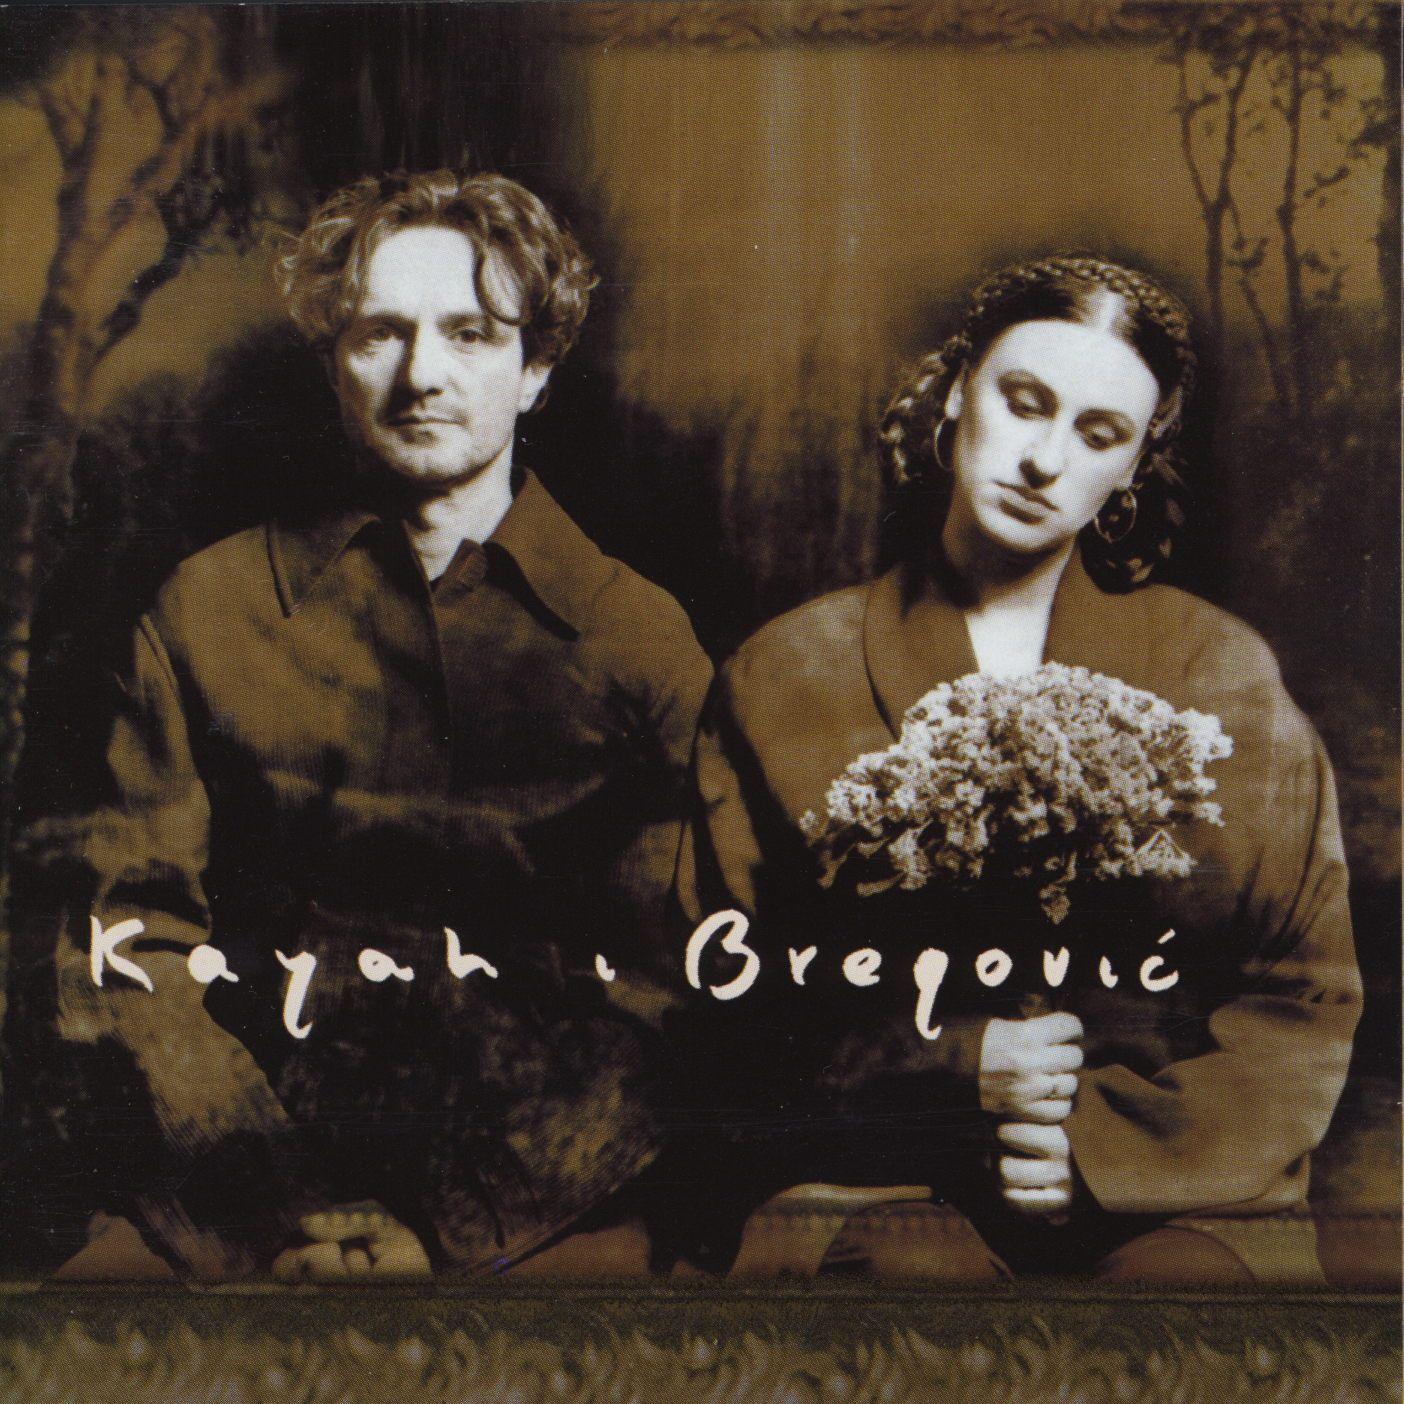 Kayah I Bregovic - Kayah I Bregovic album cover